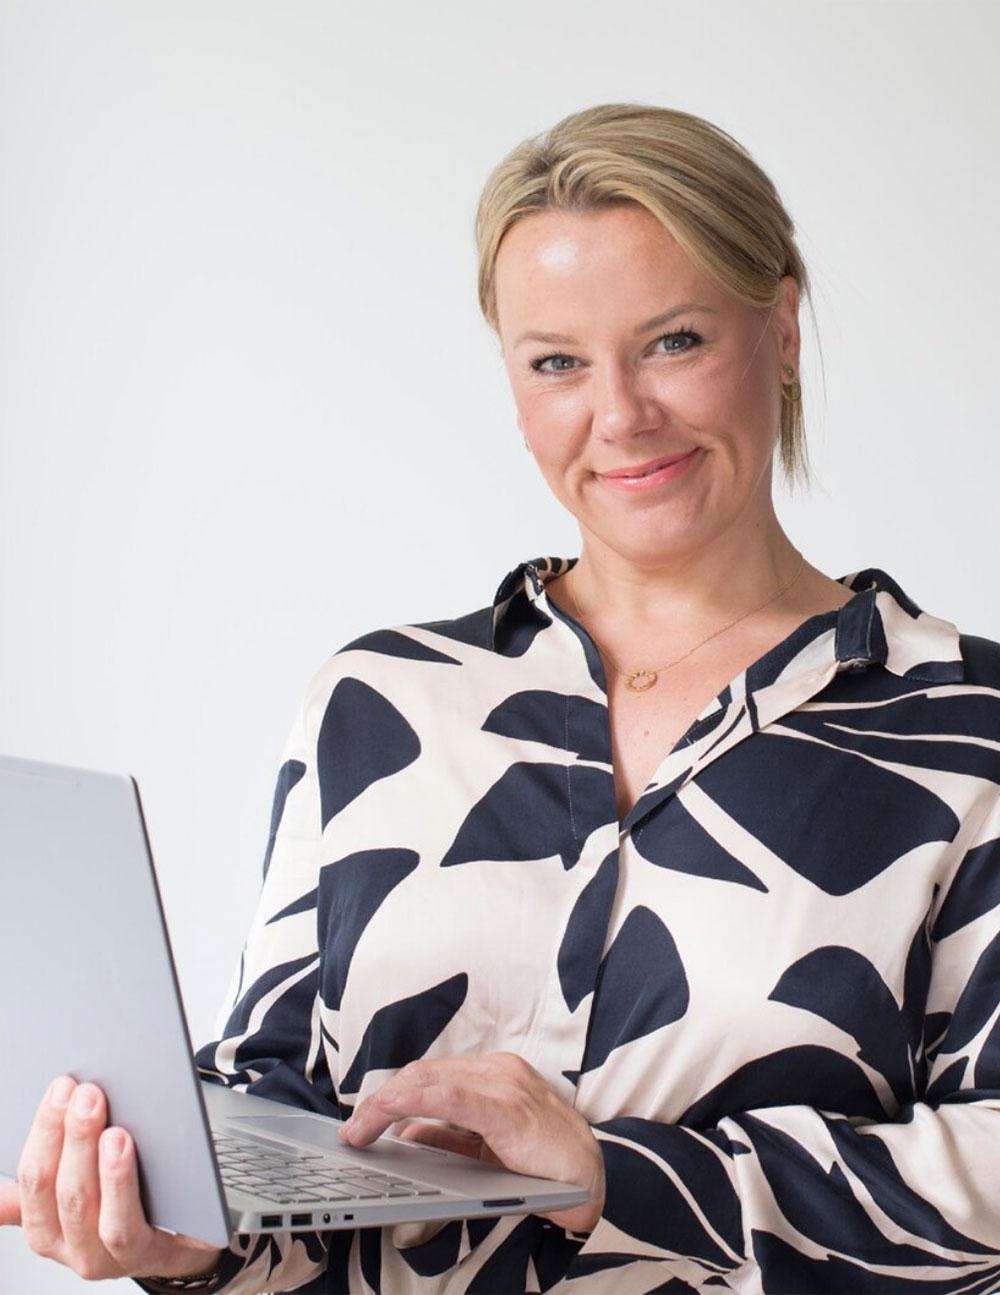 Sara Hennemann - staatlich geprüfte Kosmetikerin im Bereich medizinische Kosmetik gibt Trainings